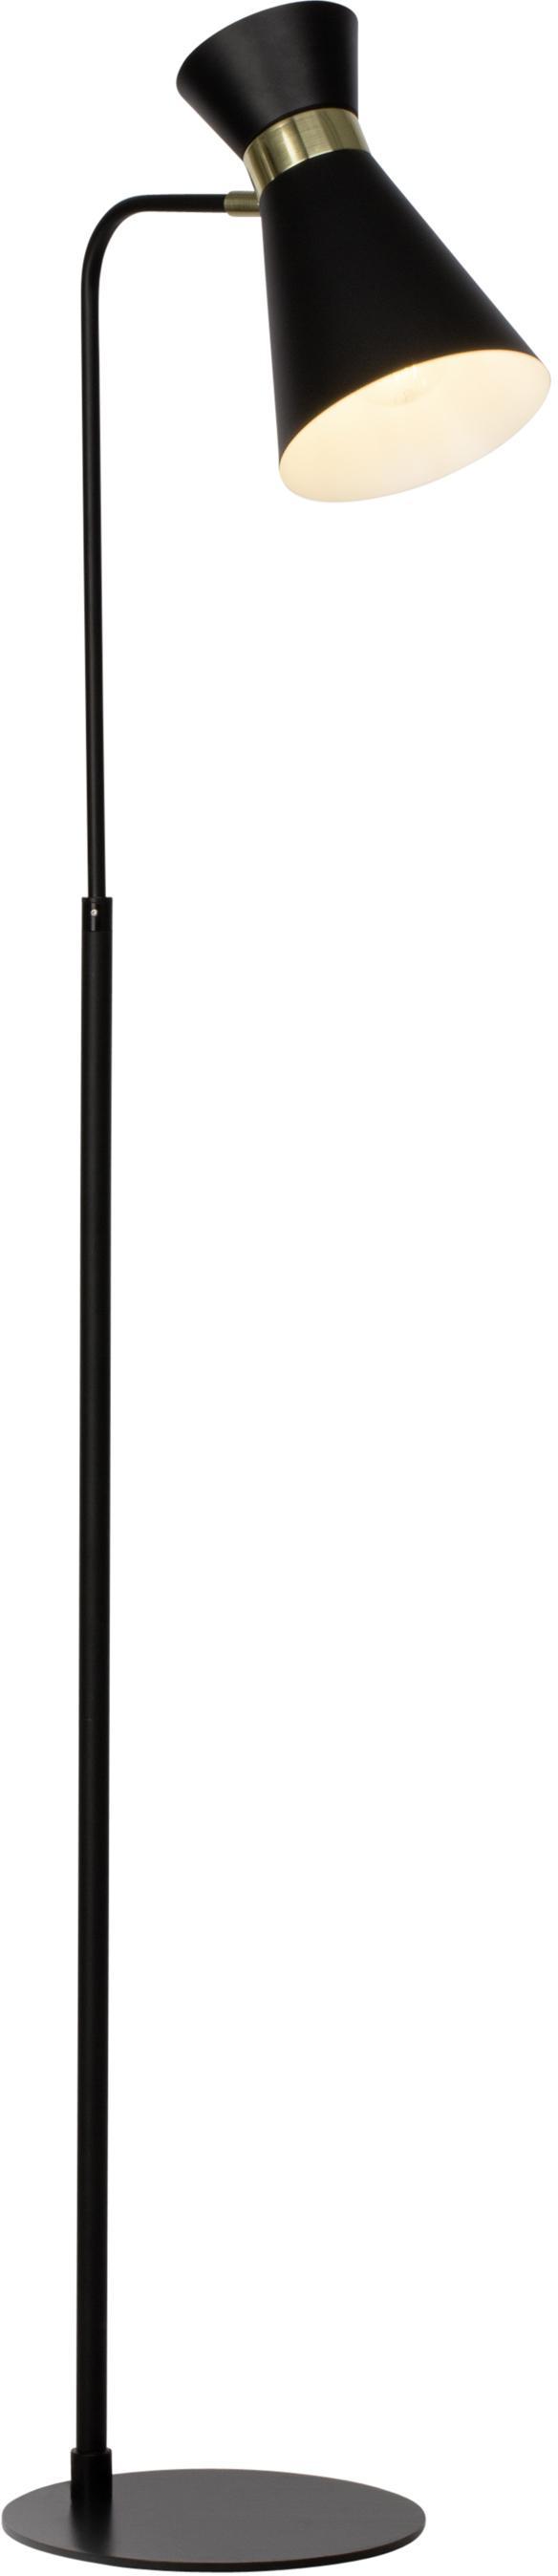 Lampada da terra regolabile Grazia, Metallo verniciato, Base della lampada e paralume: nero Attacco: dorato opaco, Larg. 39 x Alt. 144 cm